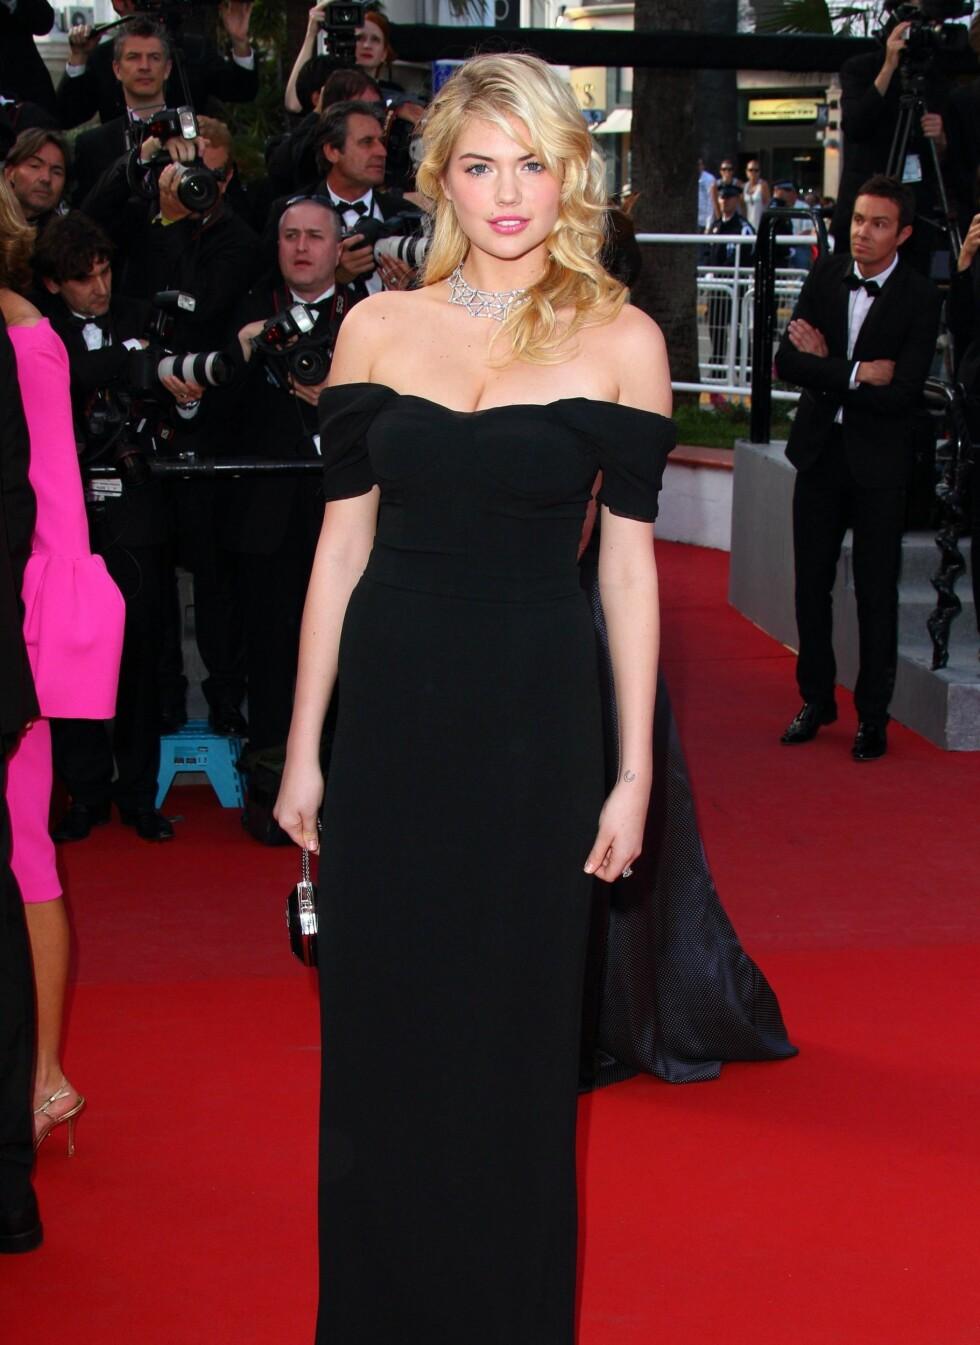 Kate Upton var på filmfestivalen i Cannes tidligere i år.  Foto: All Over Press